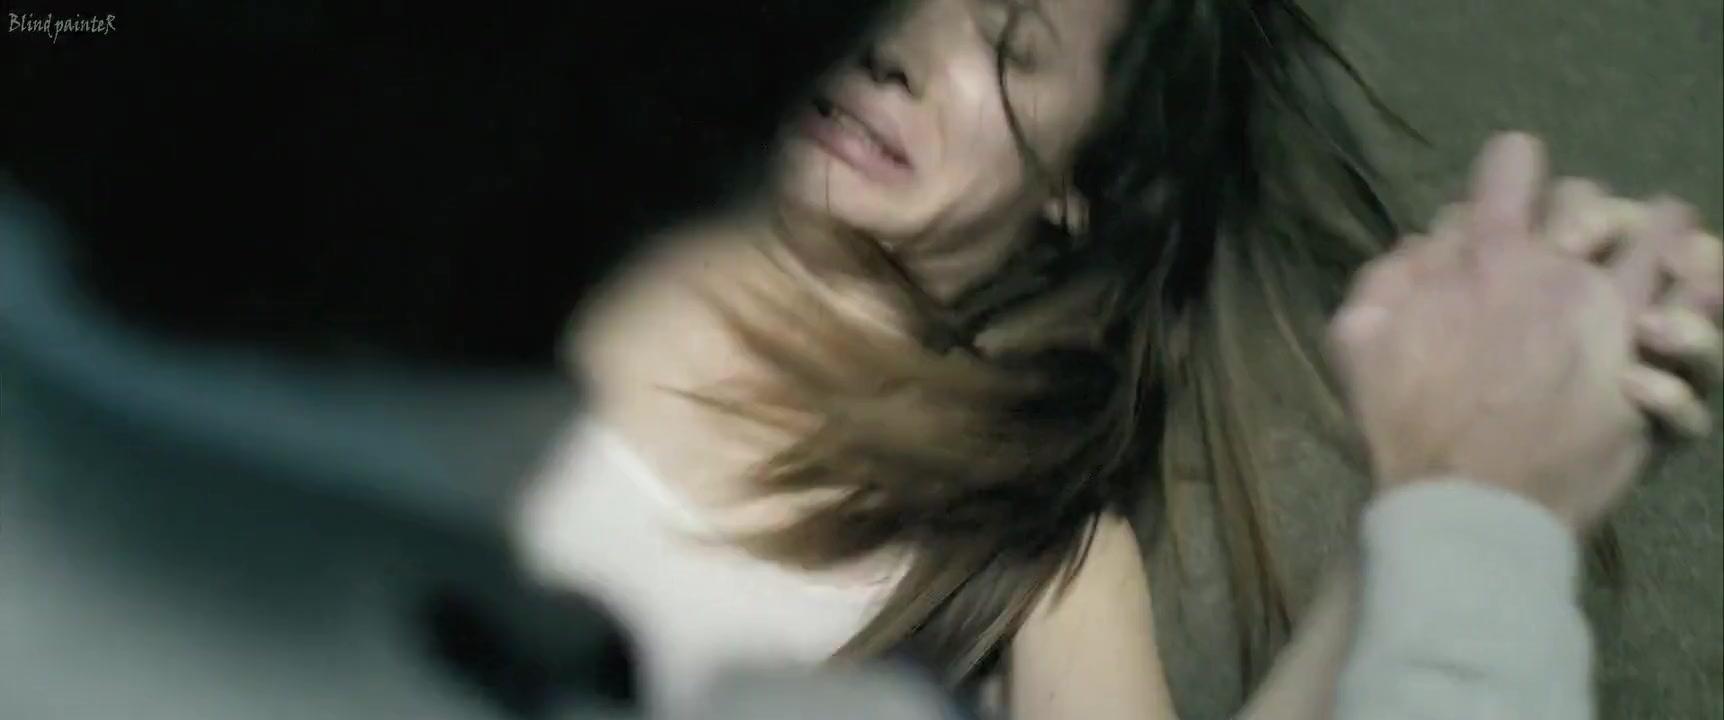 New xXx Video Natui sydney